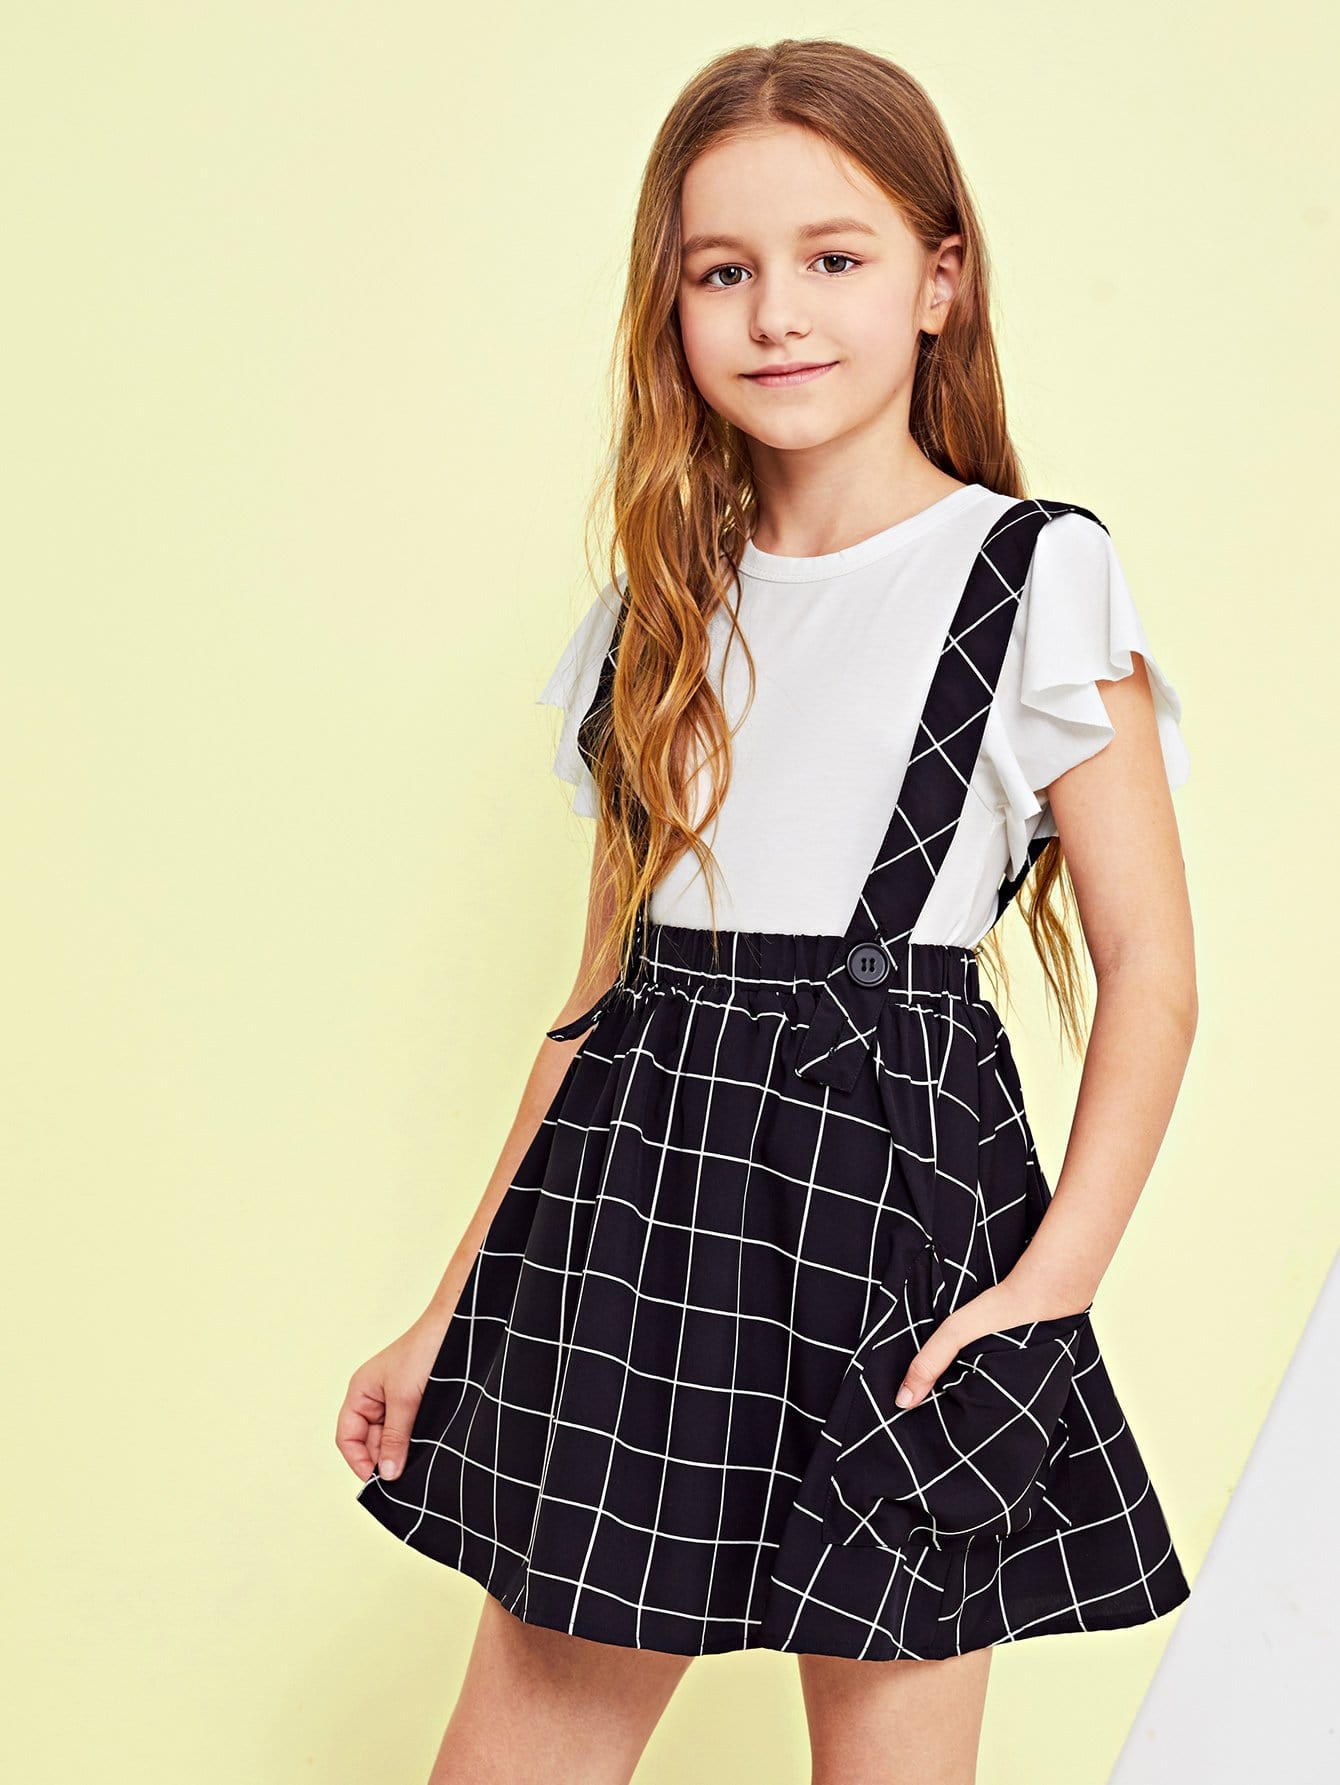 Купить Женская сетка для печати Флажная юбка с толстым ремешком, Sashab, SheIn